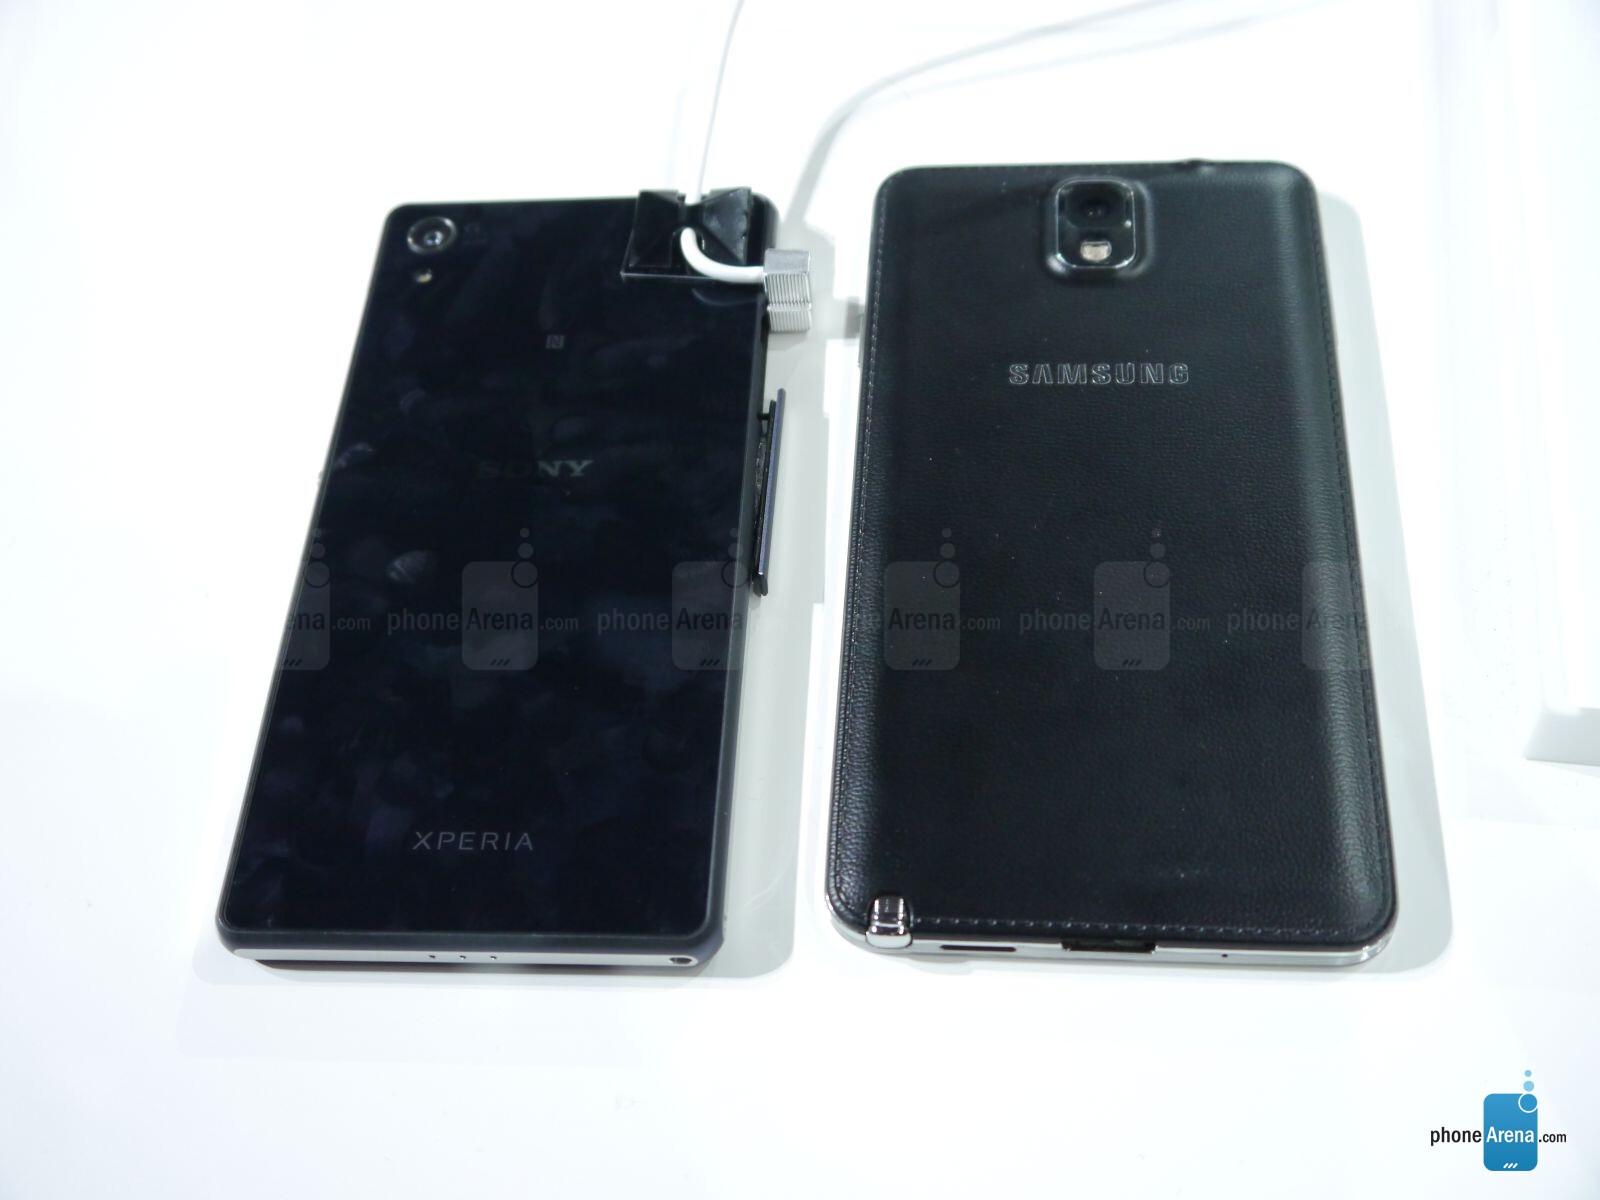 Xperia Z2 Vs Note 3 Sony Xperia Z2 vs Samsung